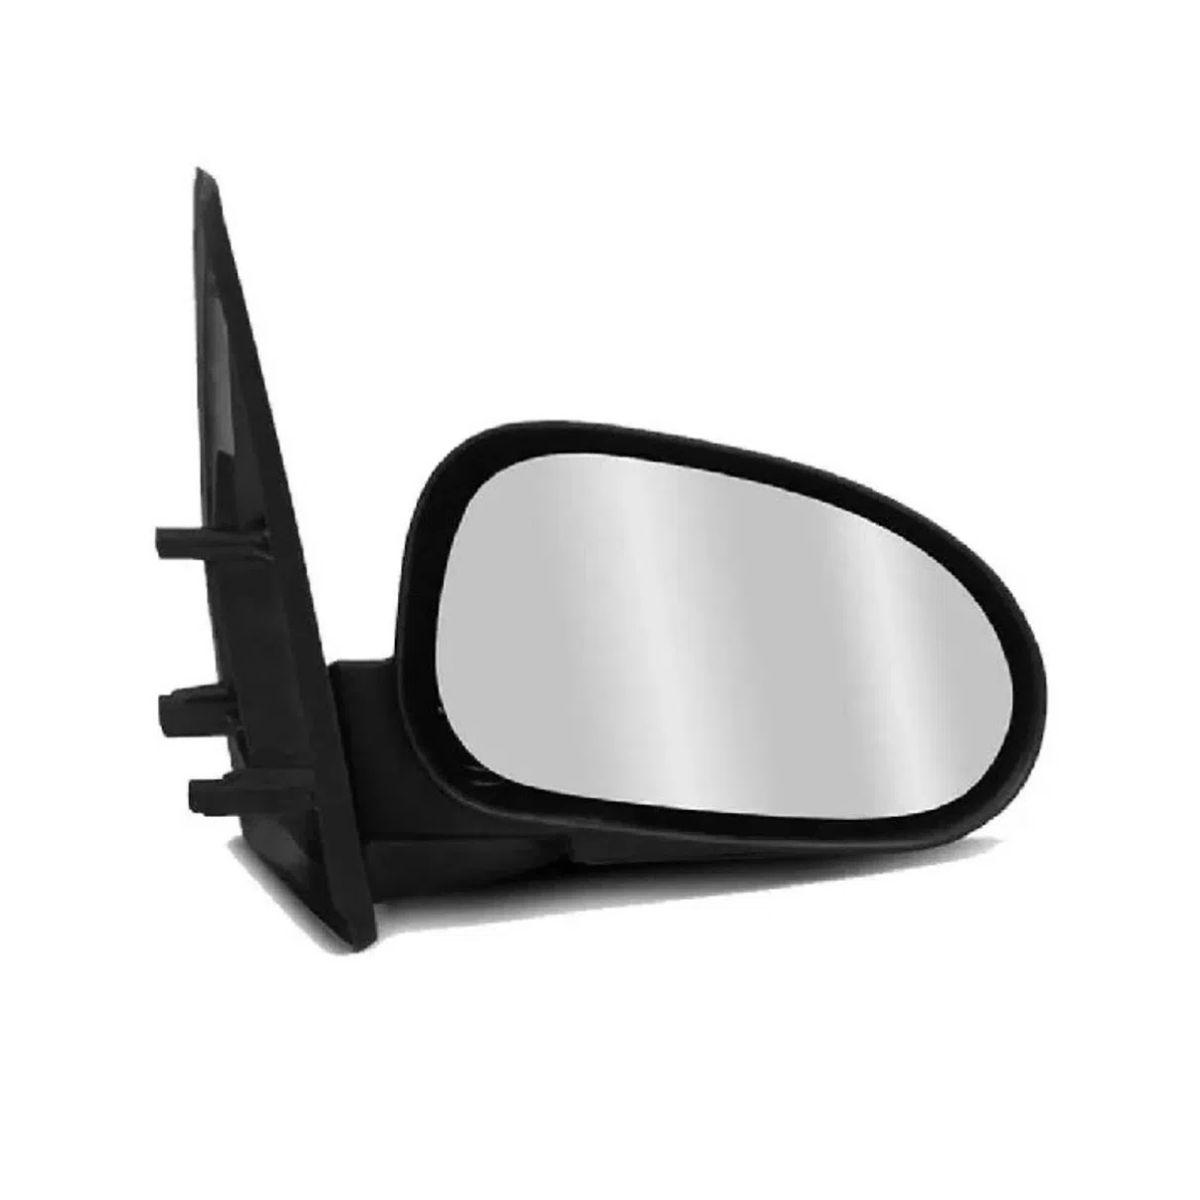 Espelho Esquerdo Gol Parati 2 Portas 1995/1999 S/ Controle